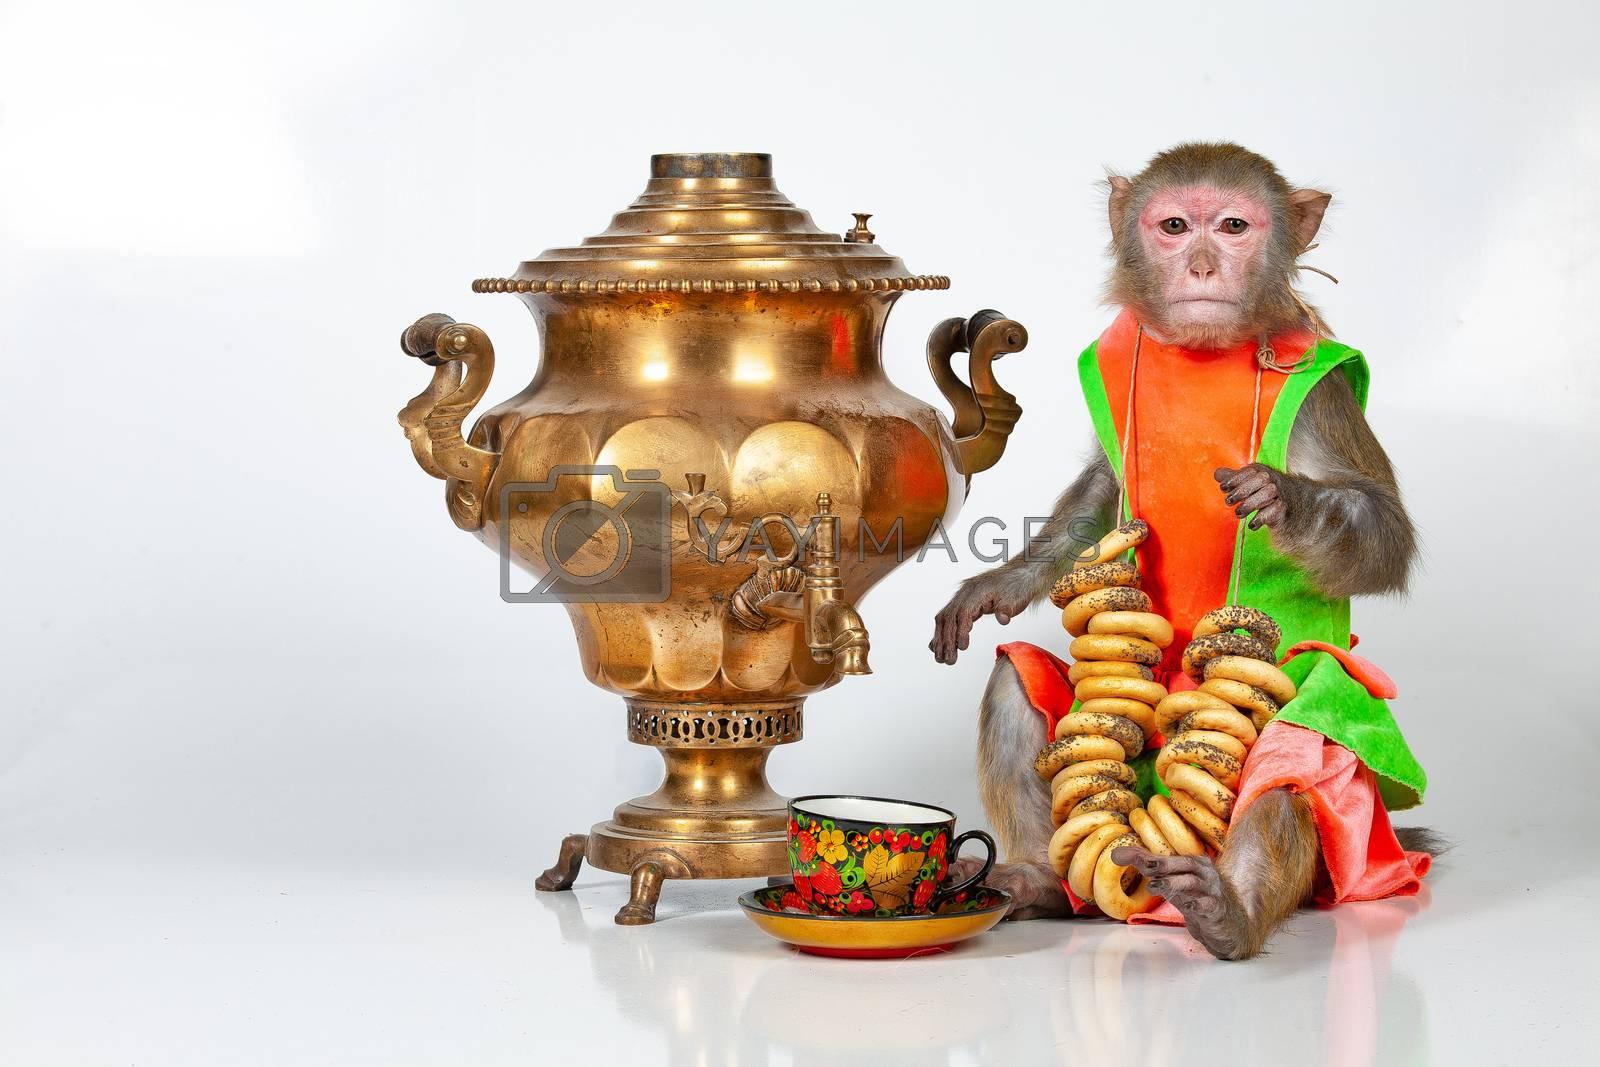 Monkey sitting near Russian water boiler